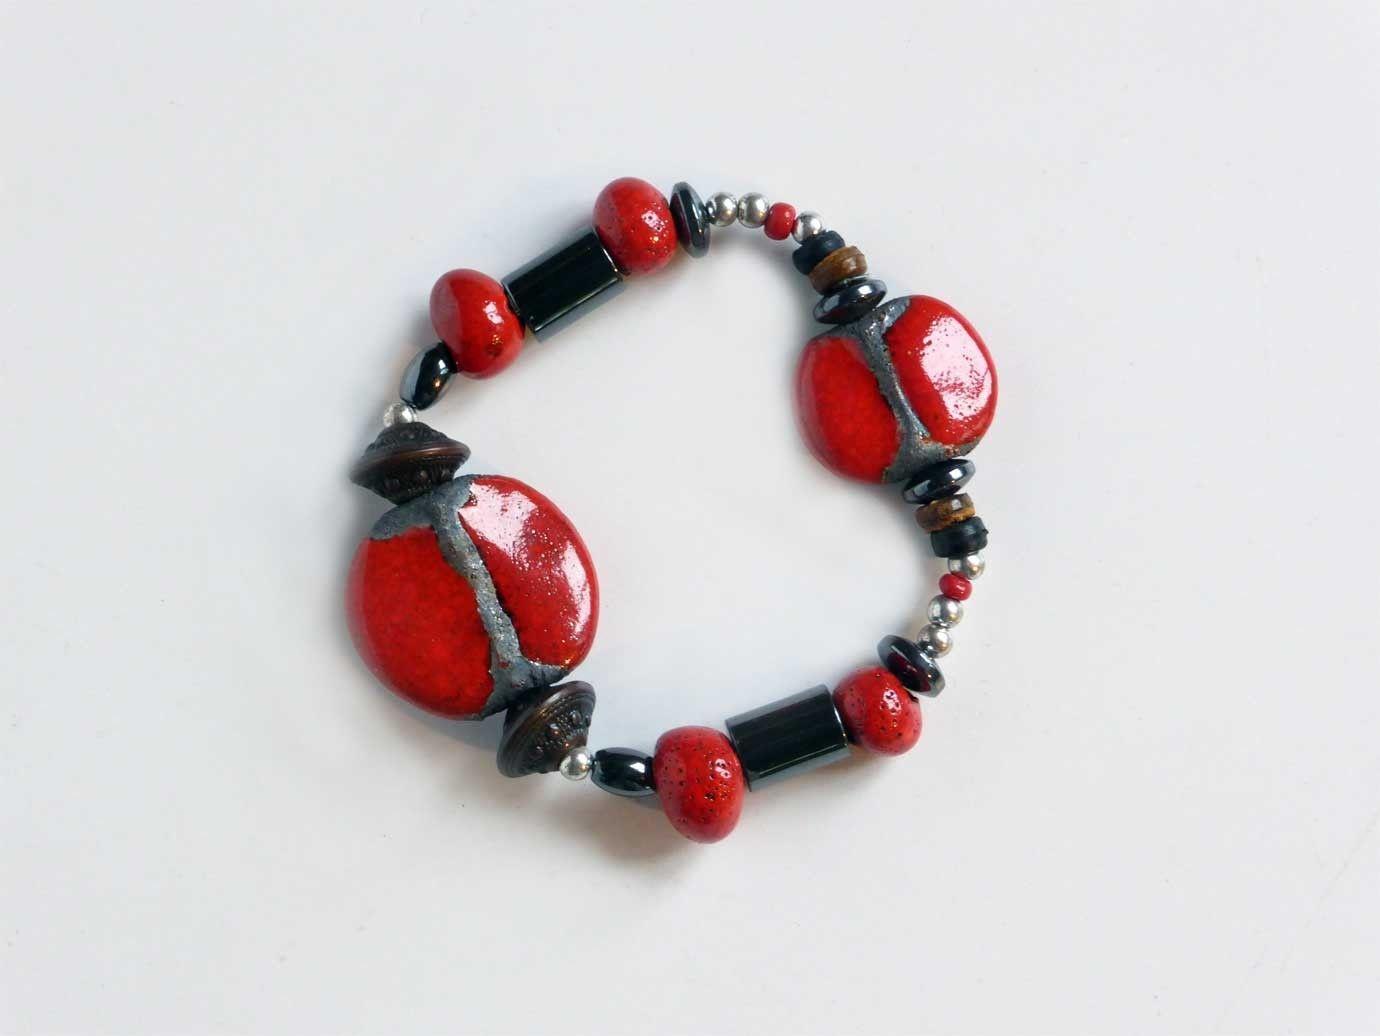 bijoux artisanaux bracelet lastique en c ramique raku h matite m tal argent et bois raku. Black Bedroom Furniture Sets. Home Design Ideas